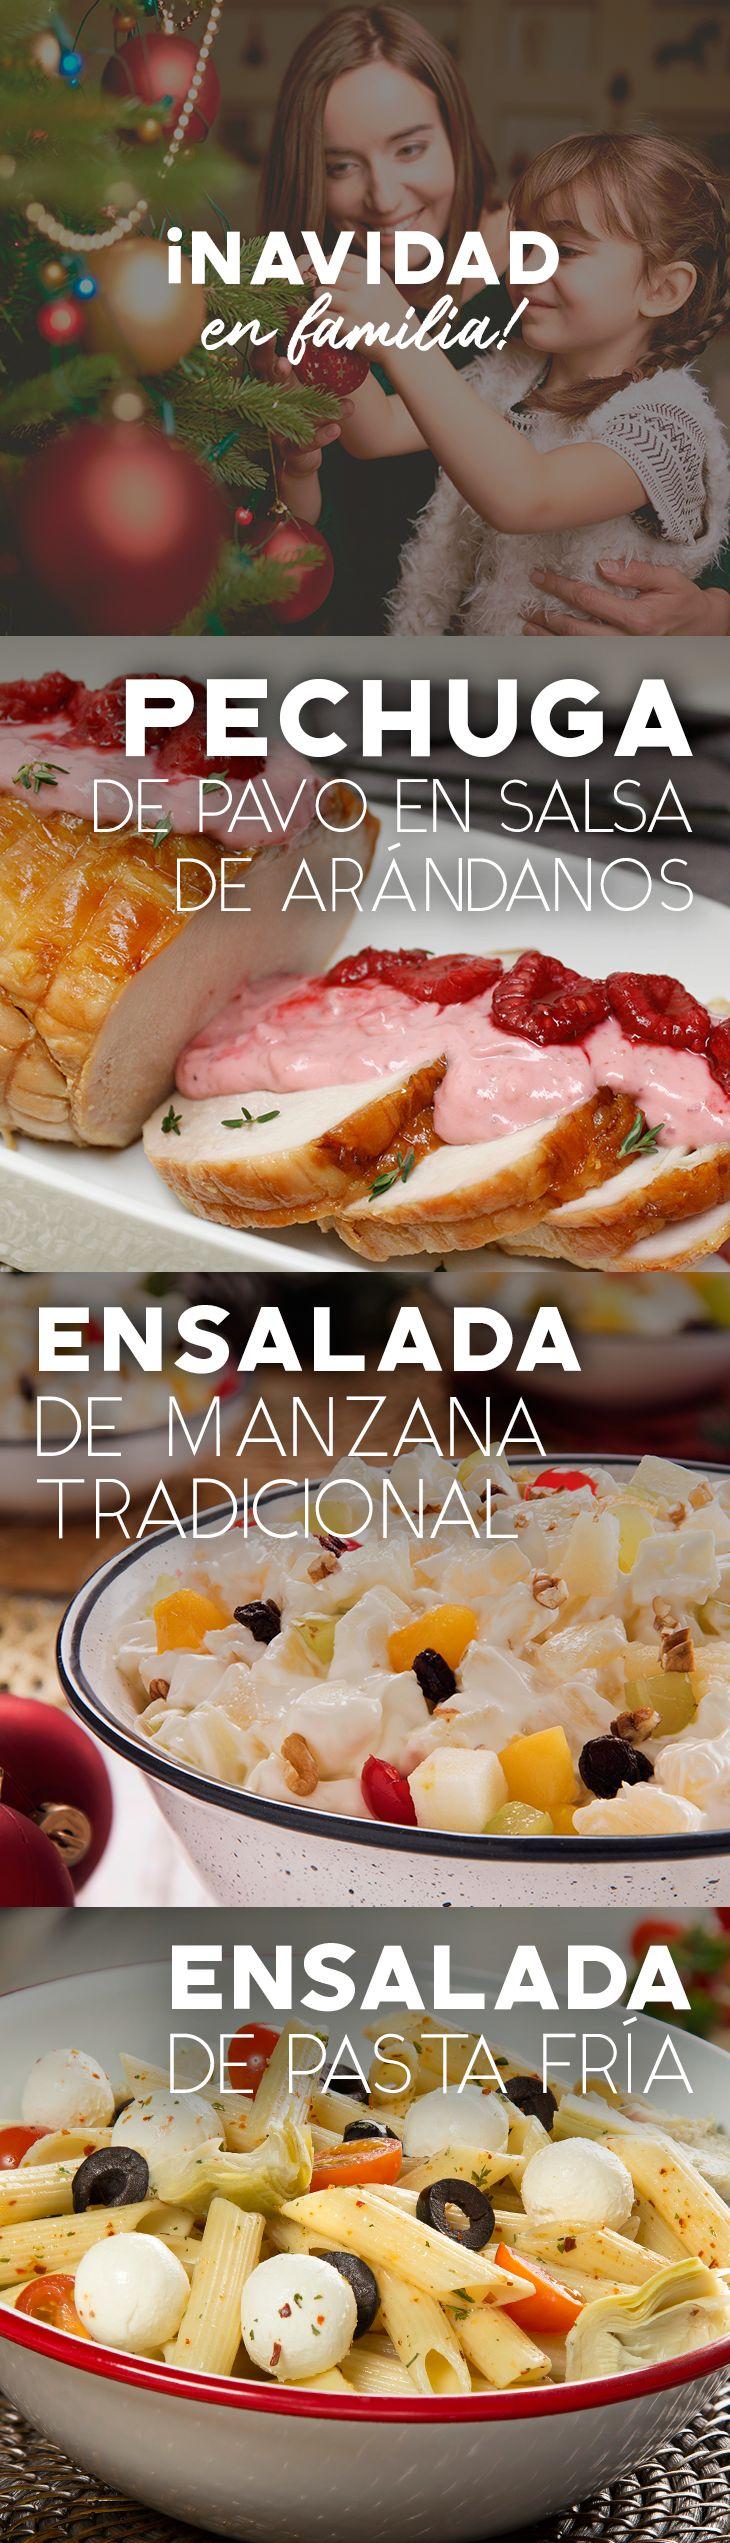 ¡La Navidad es para celebrar y compartir estos deliciosos platillos con los que más quieres! #recetas #receta #quesophiladelphia #philadelphia #crema #quesocrema #queso #comida #cocinar #cocinamexicana #recetasfáciles #recetasPhiladelphia #recetasdecocina #comer #Navidad #RecetasNavidad #Fiestas #pavo #ensaladademanzana #pasta #sopa #frutosrojos #ensalada #nochebuena #cena #cenadenavidad